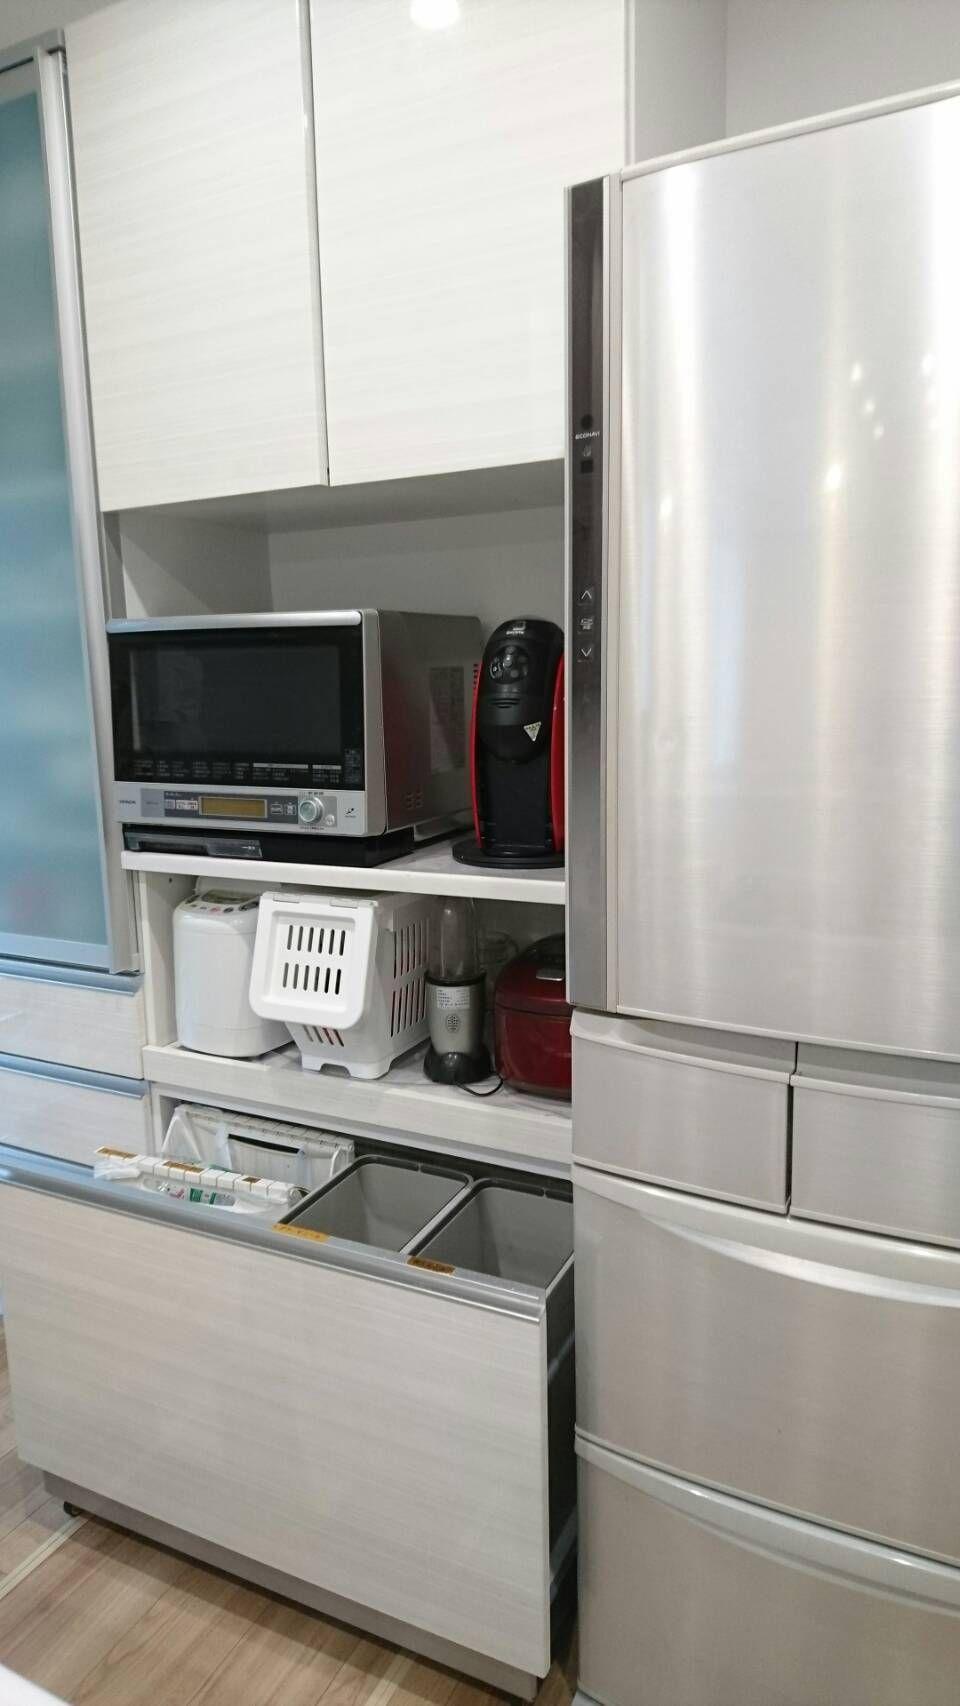 Web内覧会キッチンタカラオフェリアに決めた理由 琉璃色家族 キッチン ゴミ箱 キッチン タカラスタンダード